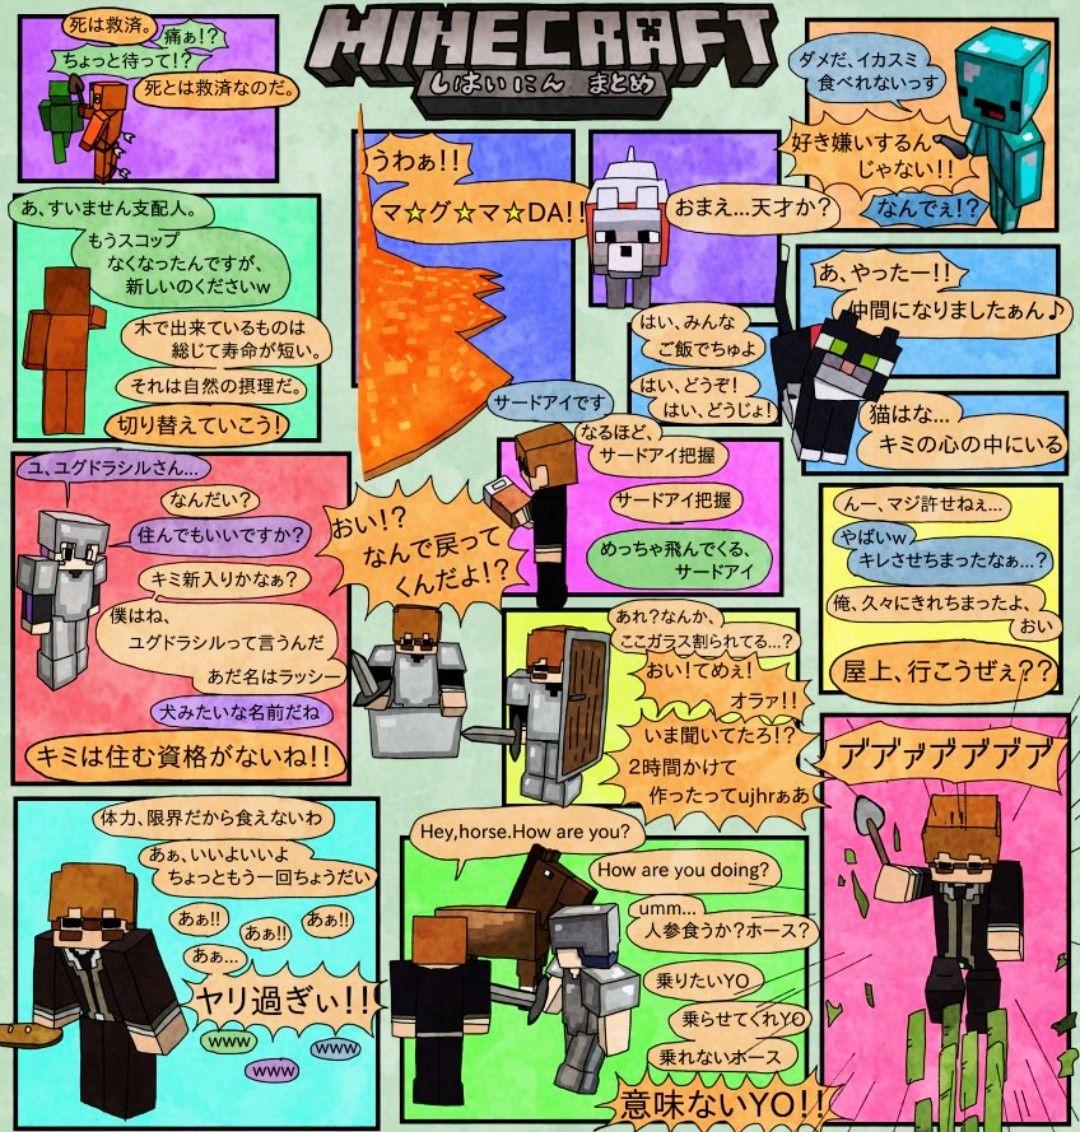 夏樹 マイクラ 花江 【マイクラ】#10 ネコとの出会い~海を越える男たち~【Minecraft】